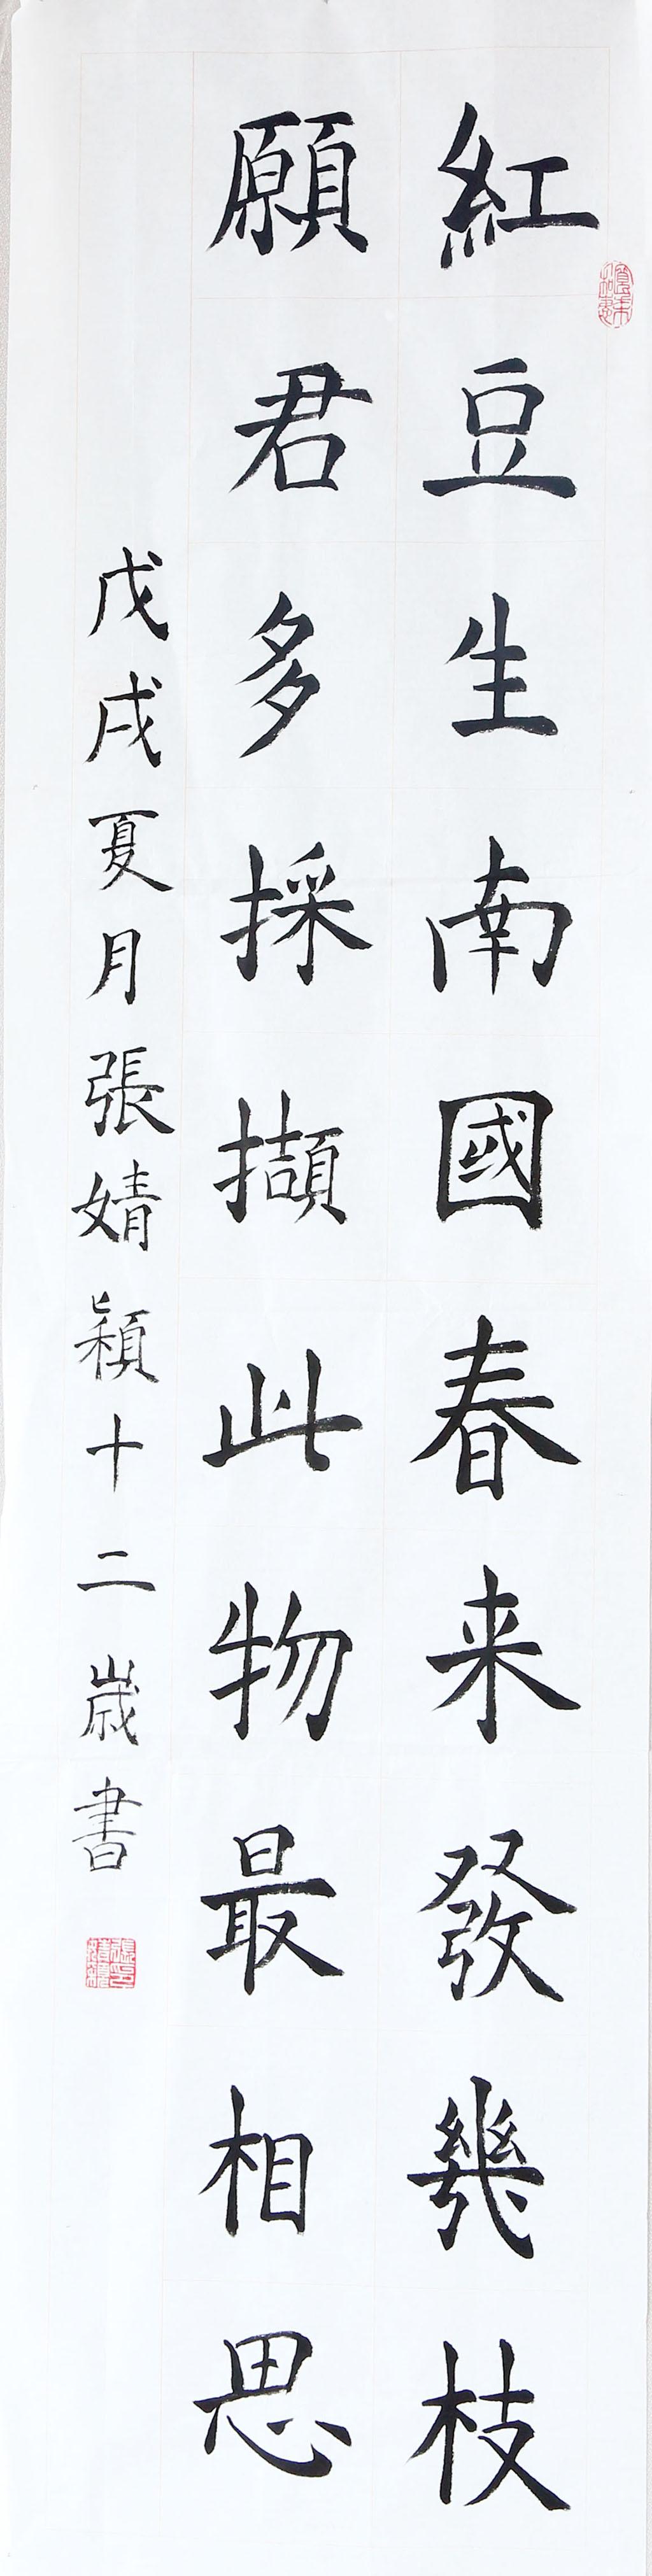 张婧颖 小学高年级组二等奖